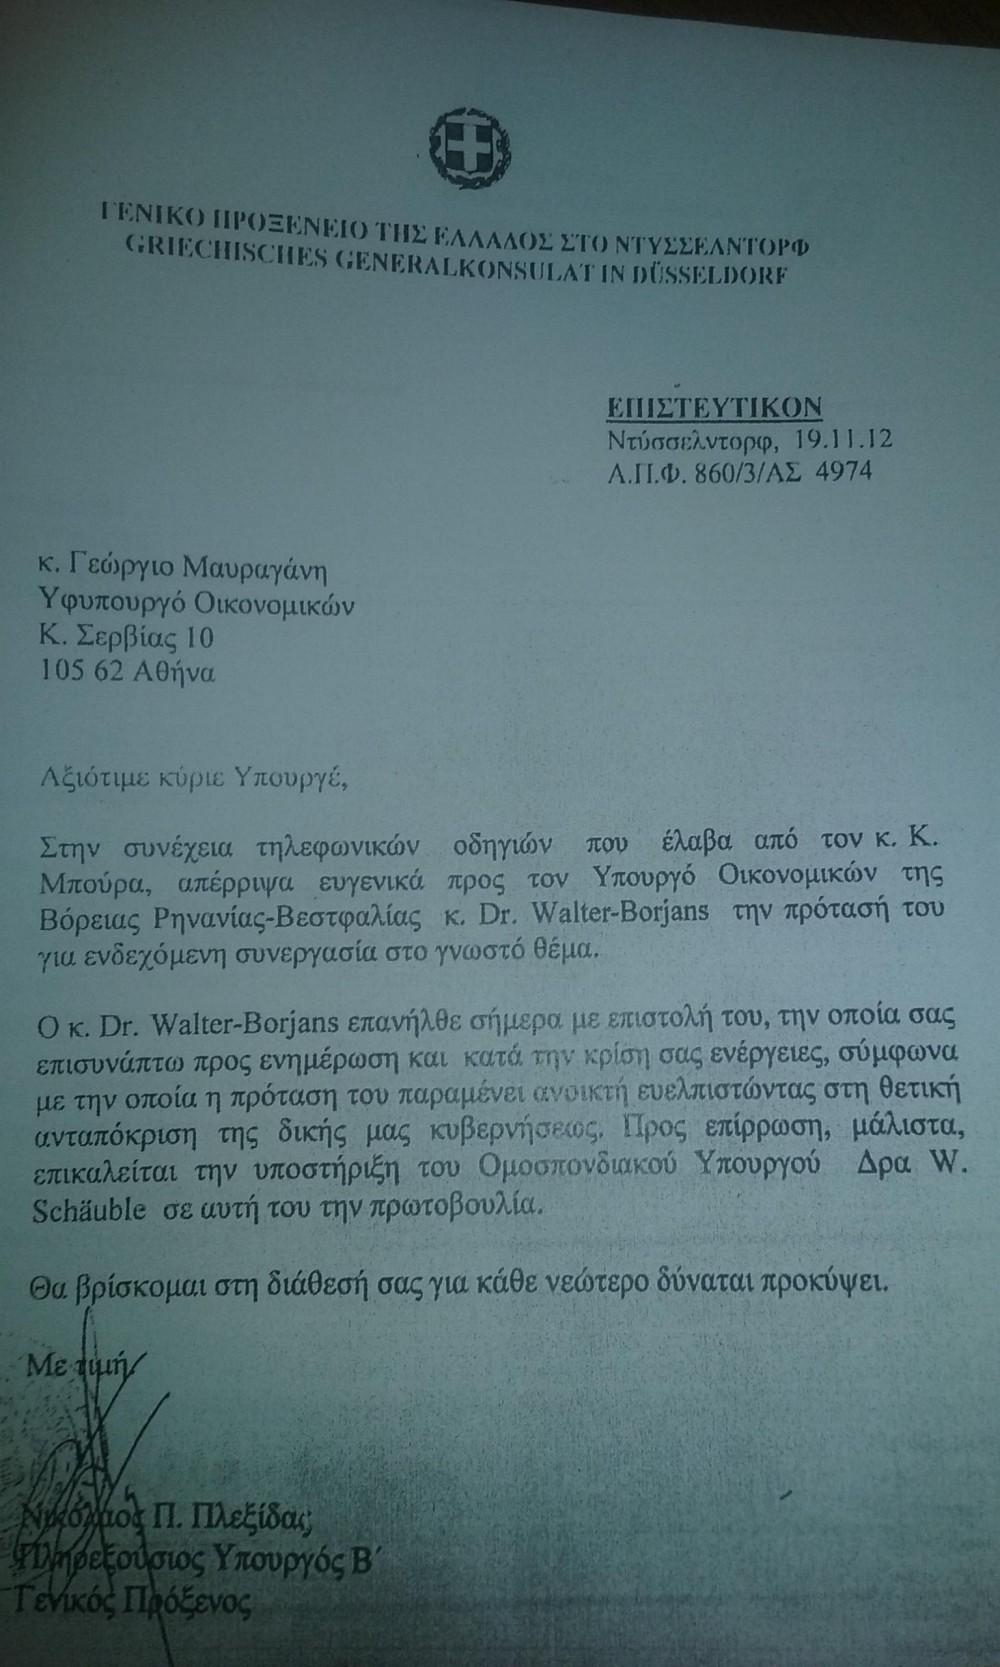 ΣΥΡΙΖΑ, με «εντολή Σαμαρά», δεν παρελήφθη, η λίστα Μπόργιανς,